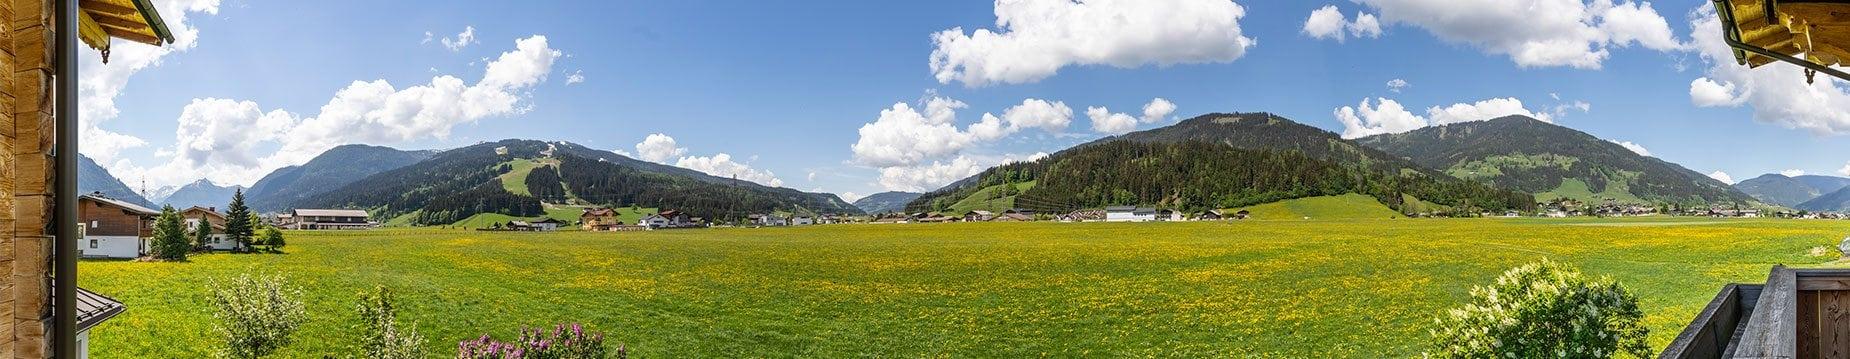 Feriengut Fingerhof in Flachau, Ferienwohnungen & Zimmer im Salzburger Land